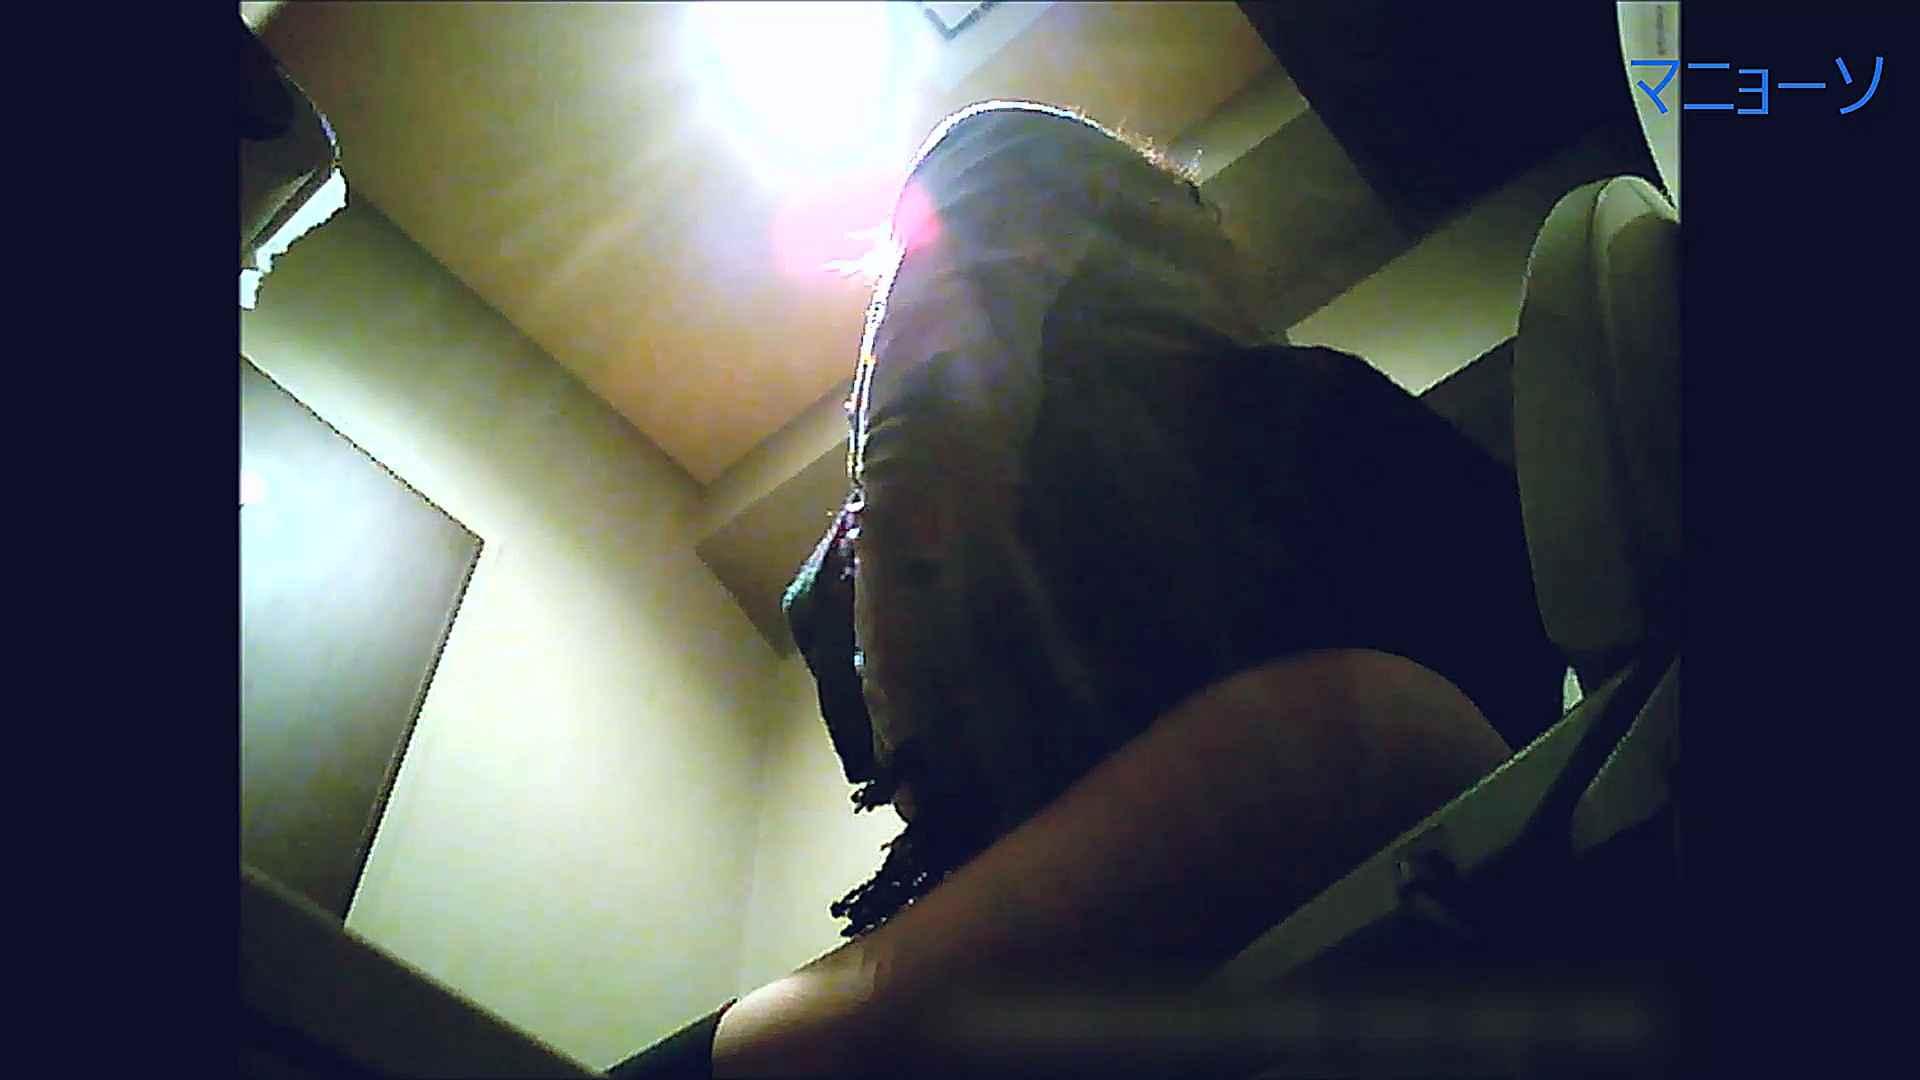 トイレでひと肌脱いでもらいました (OL編)Vol.12 丸見え SEX無修正画像 88画像 8